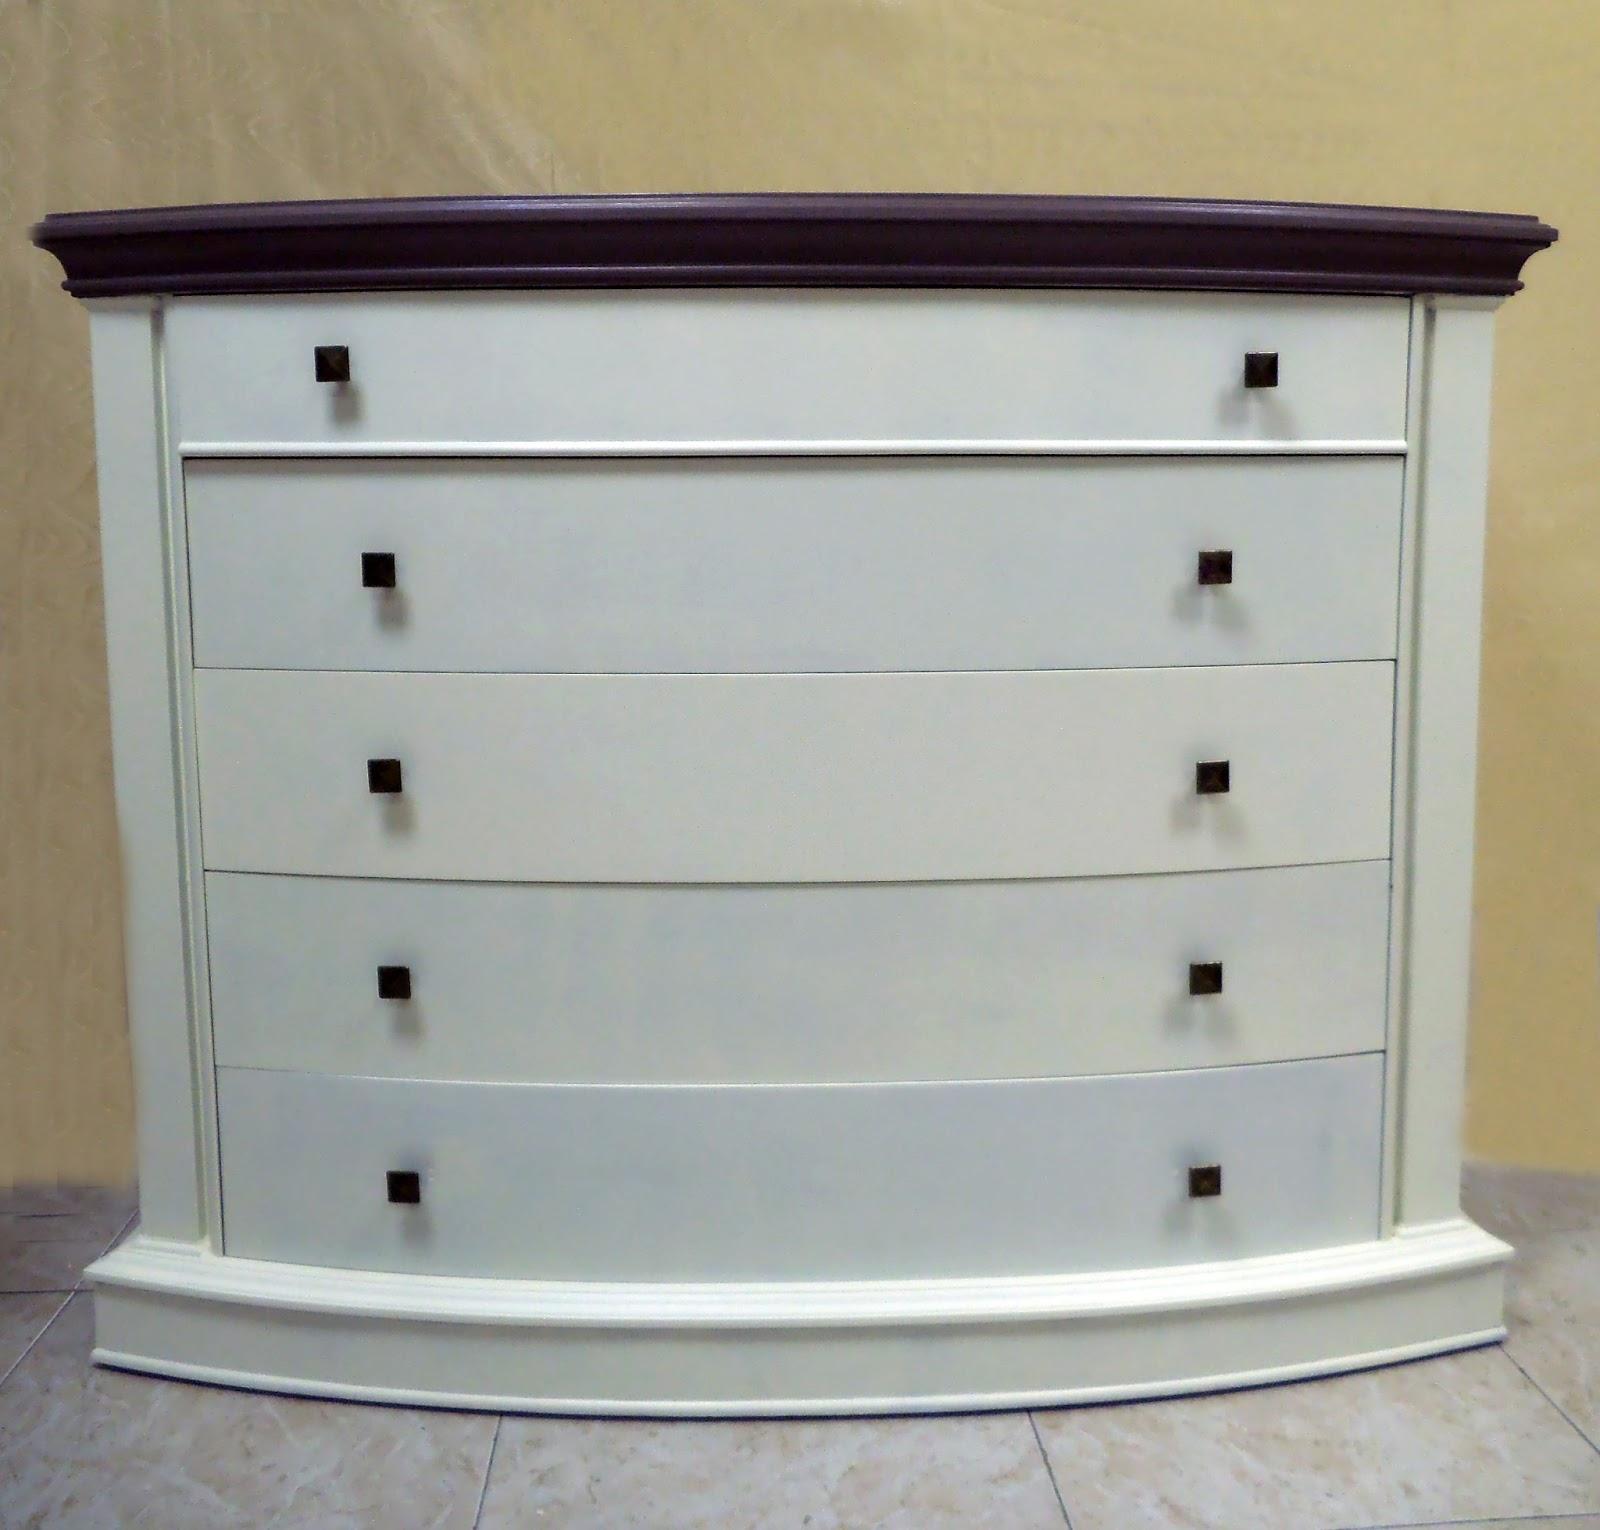 Renovarte muebles curso de restauraci n de muebles cajonera de dormitorio - Clases de restauracion de muebles ...